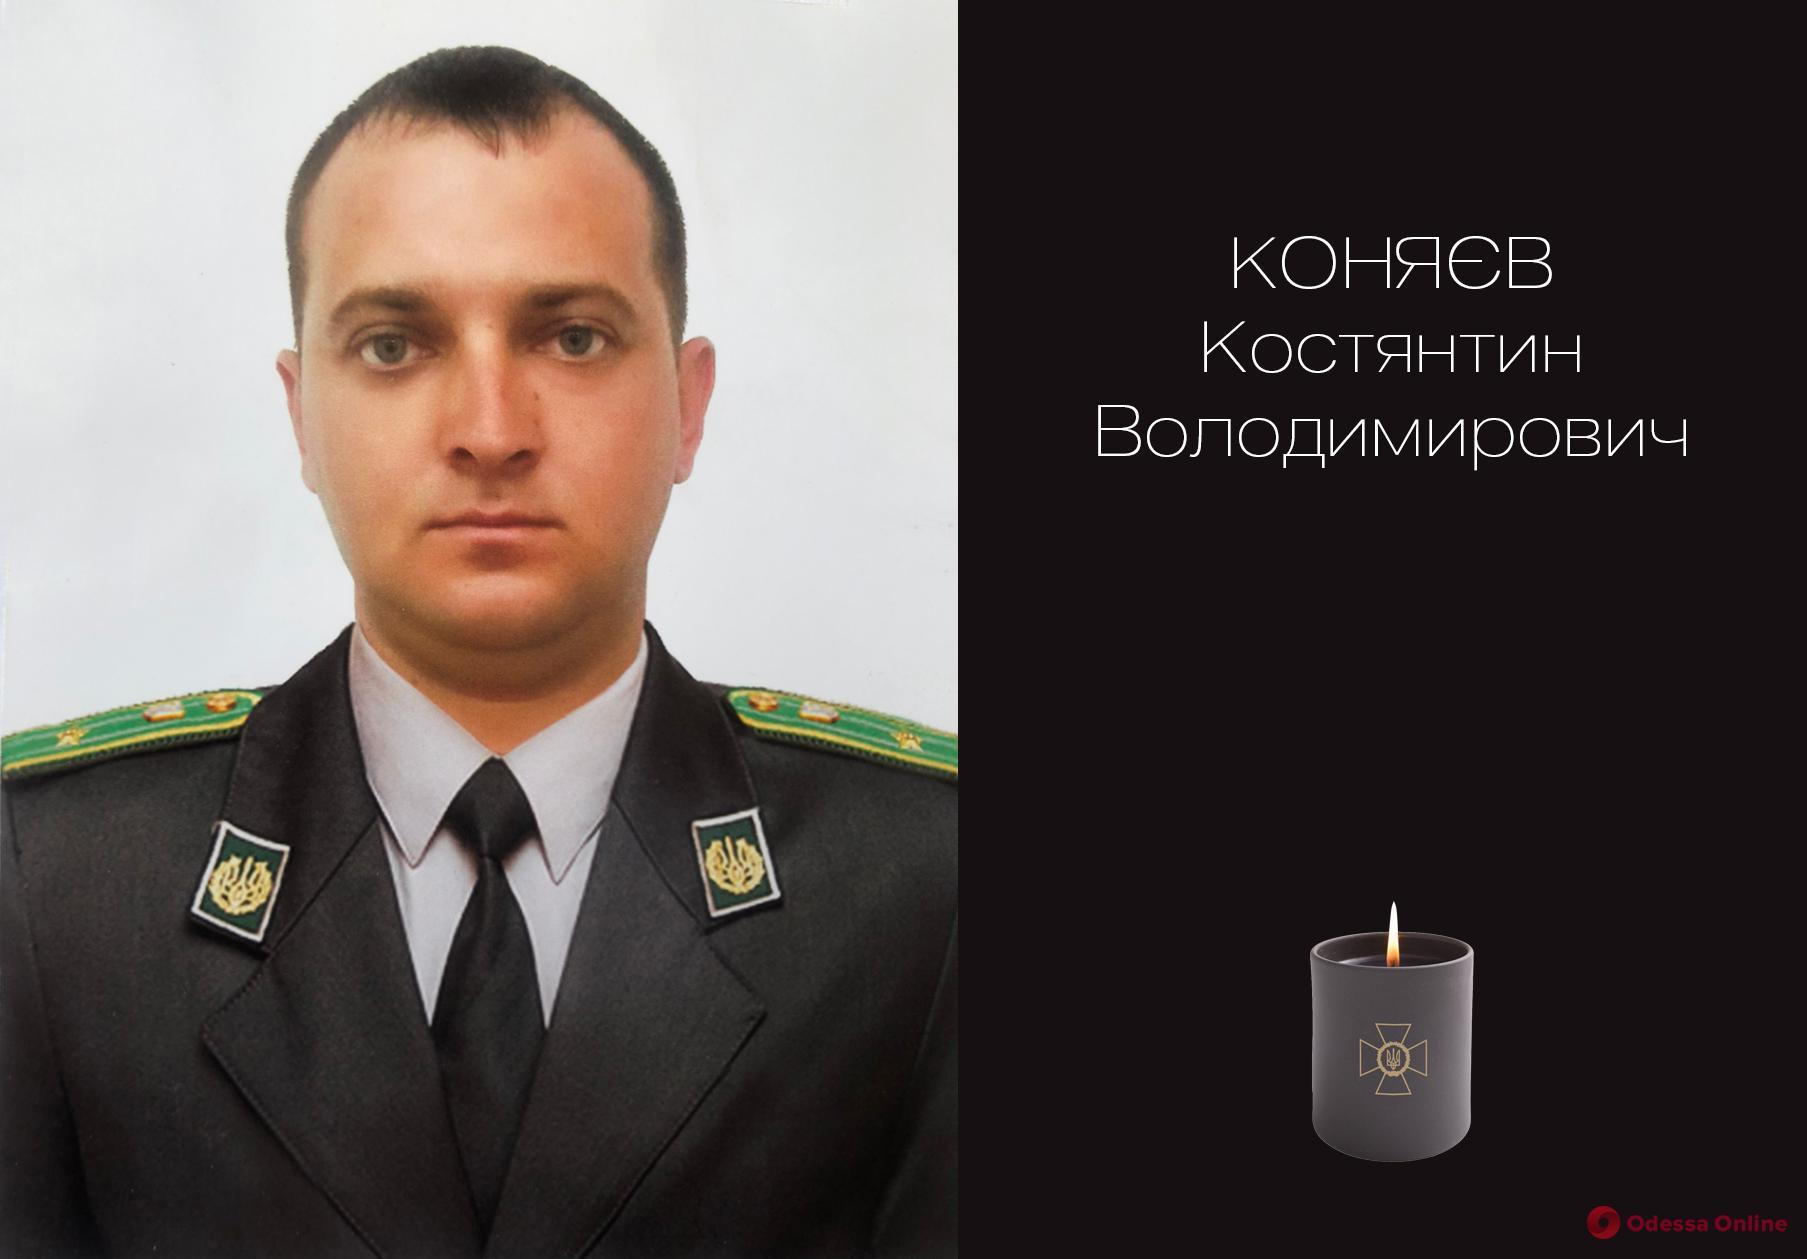 Перевернувшаяся лодка: на озере под Одессой нашли тело пропавшего офицера-пограничника